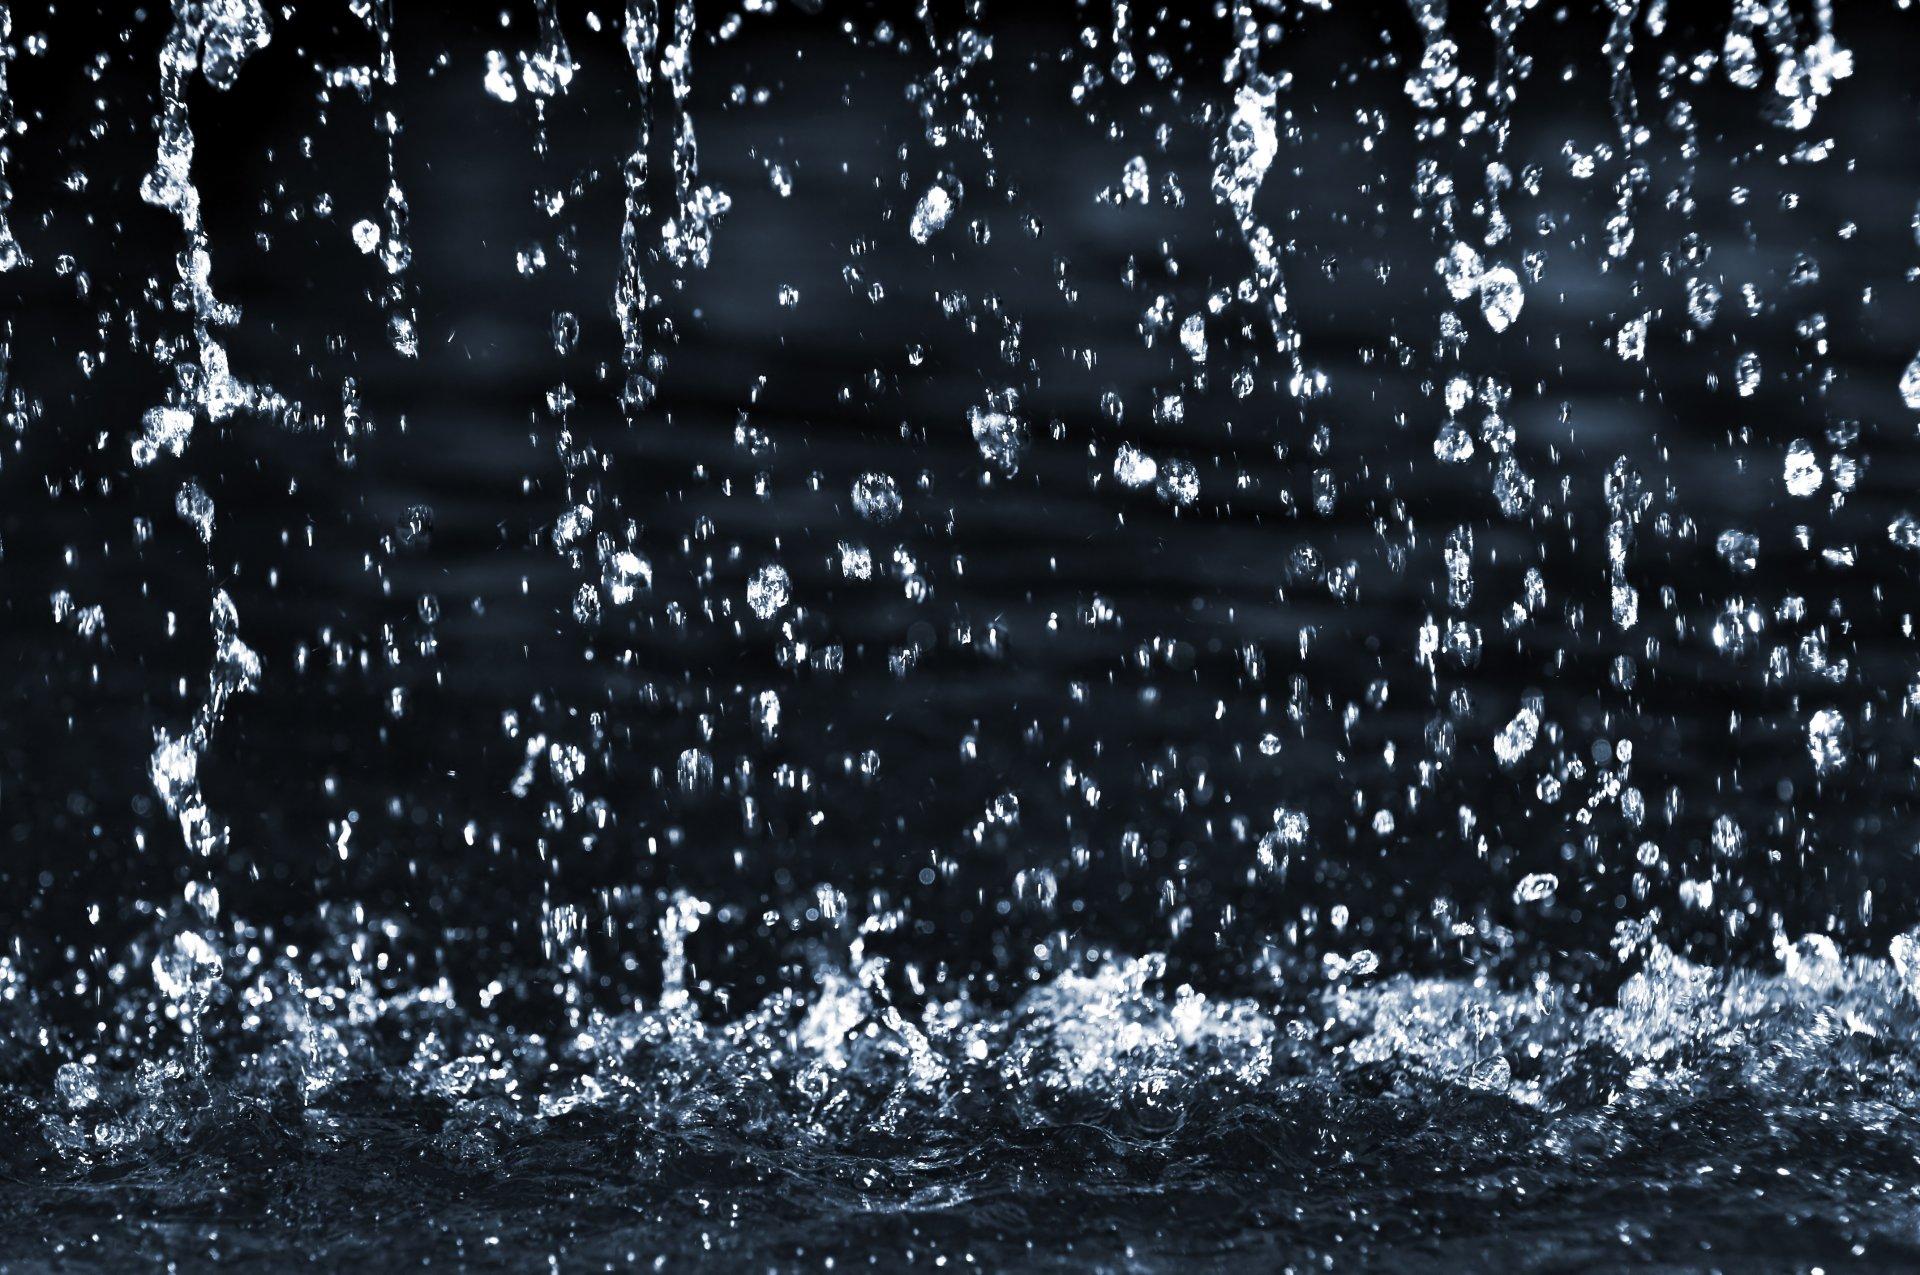 картинки для дождя петербурге музей можно